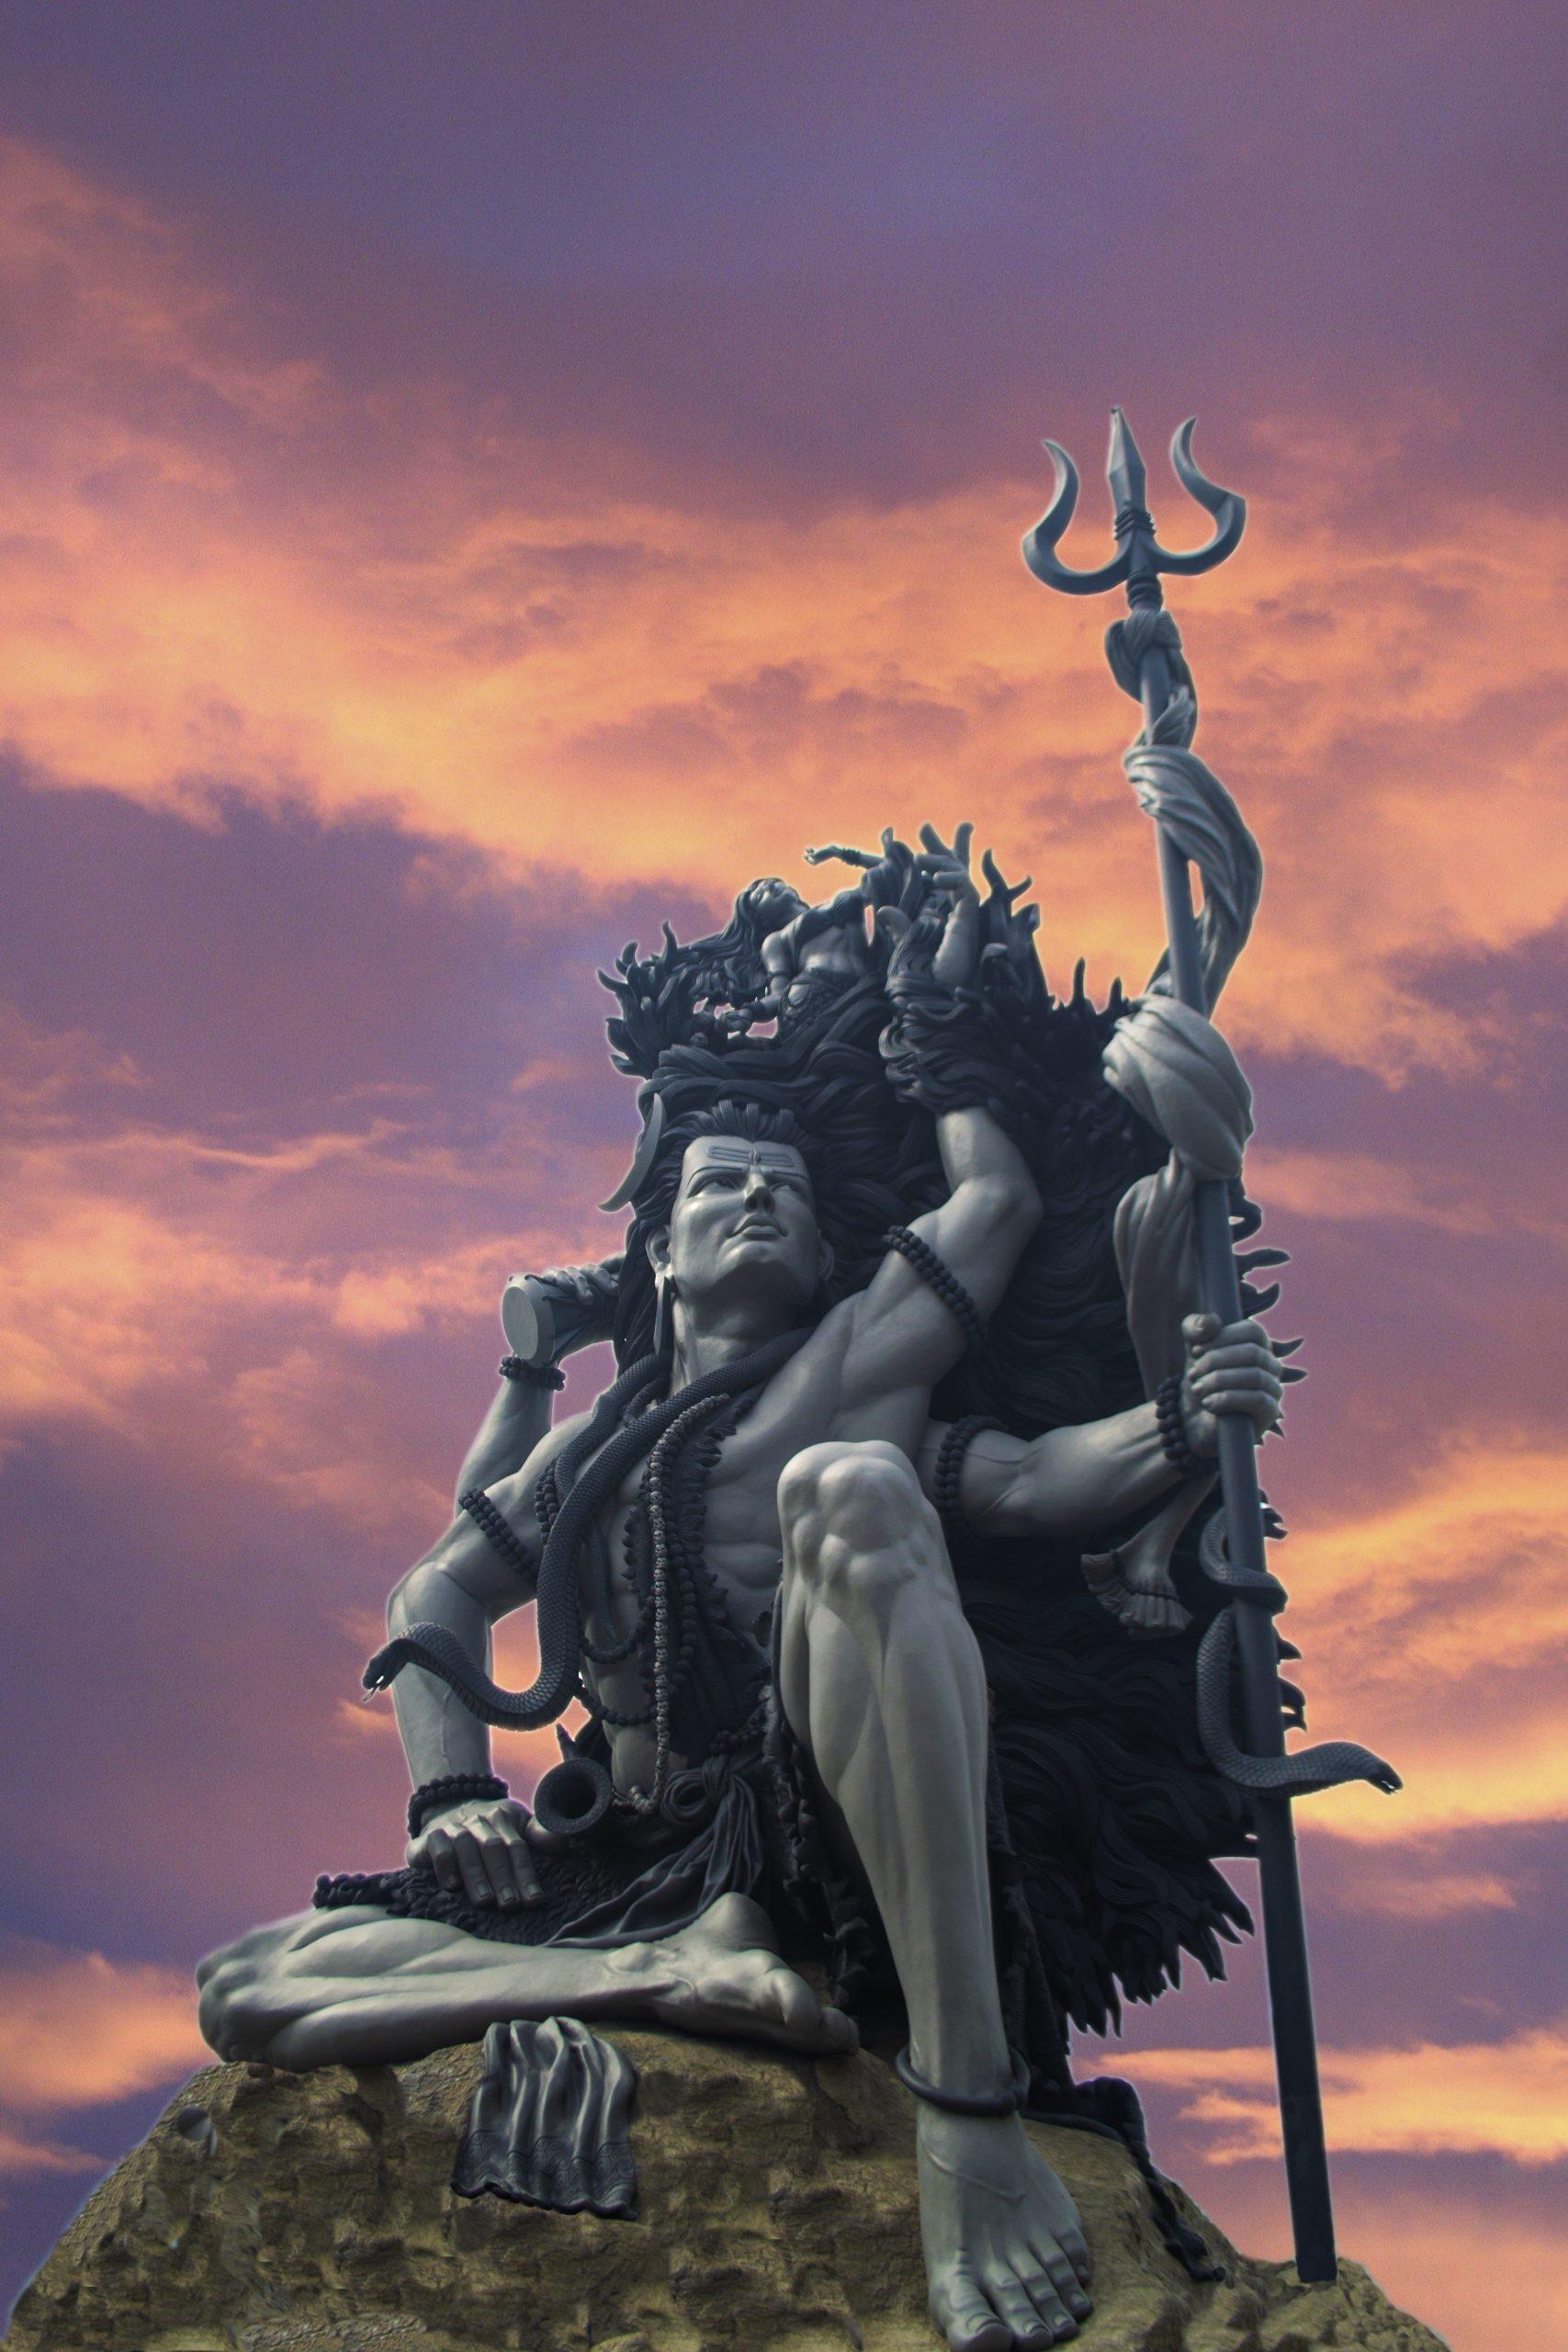 Aazhimala Lord Shiva statue